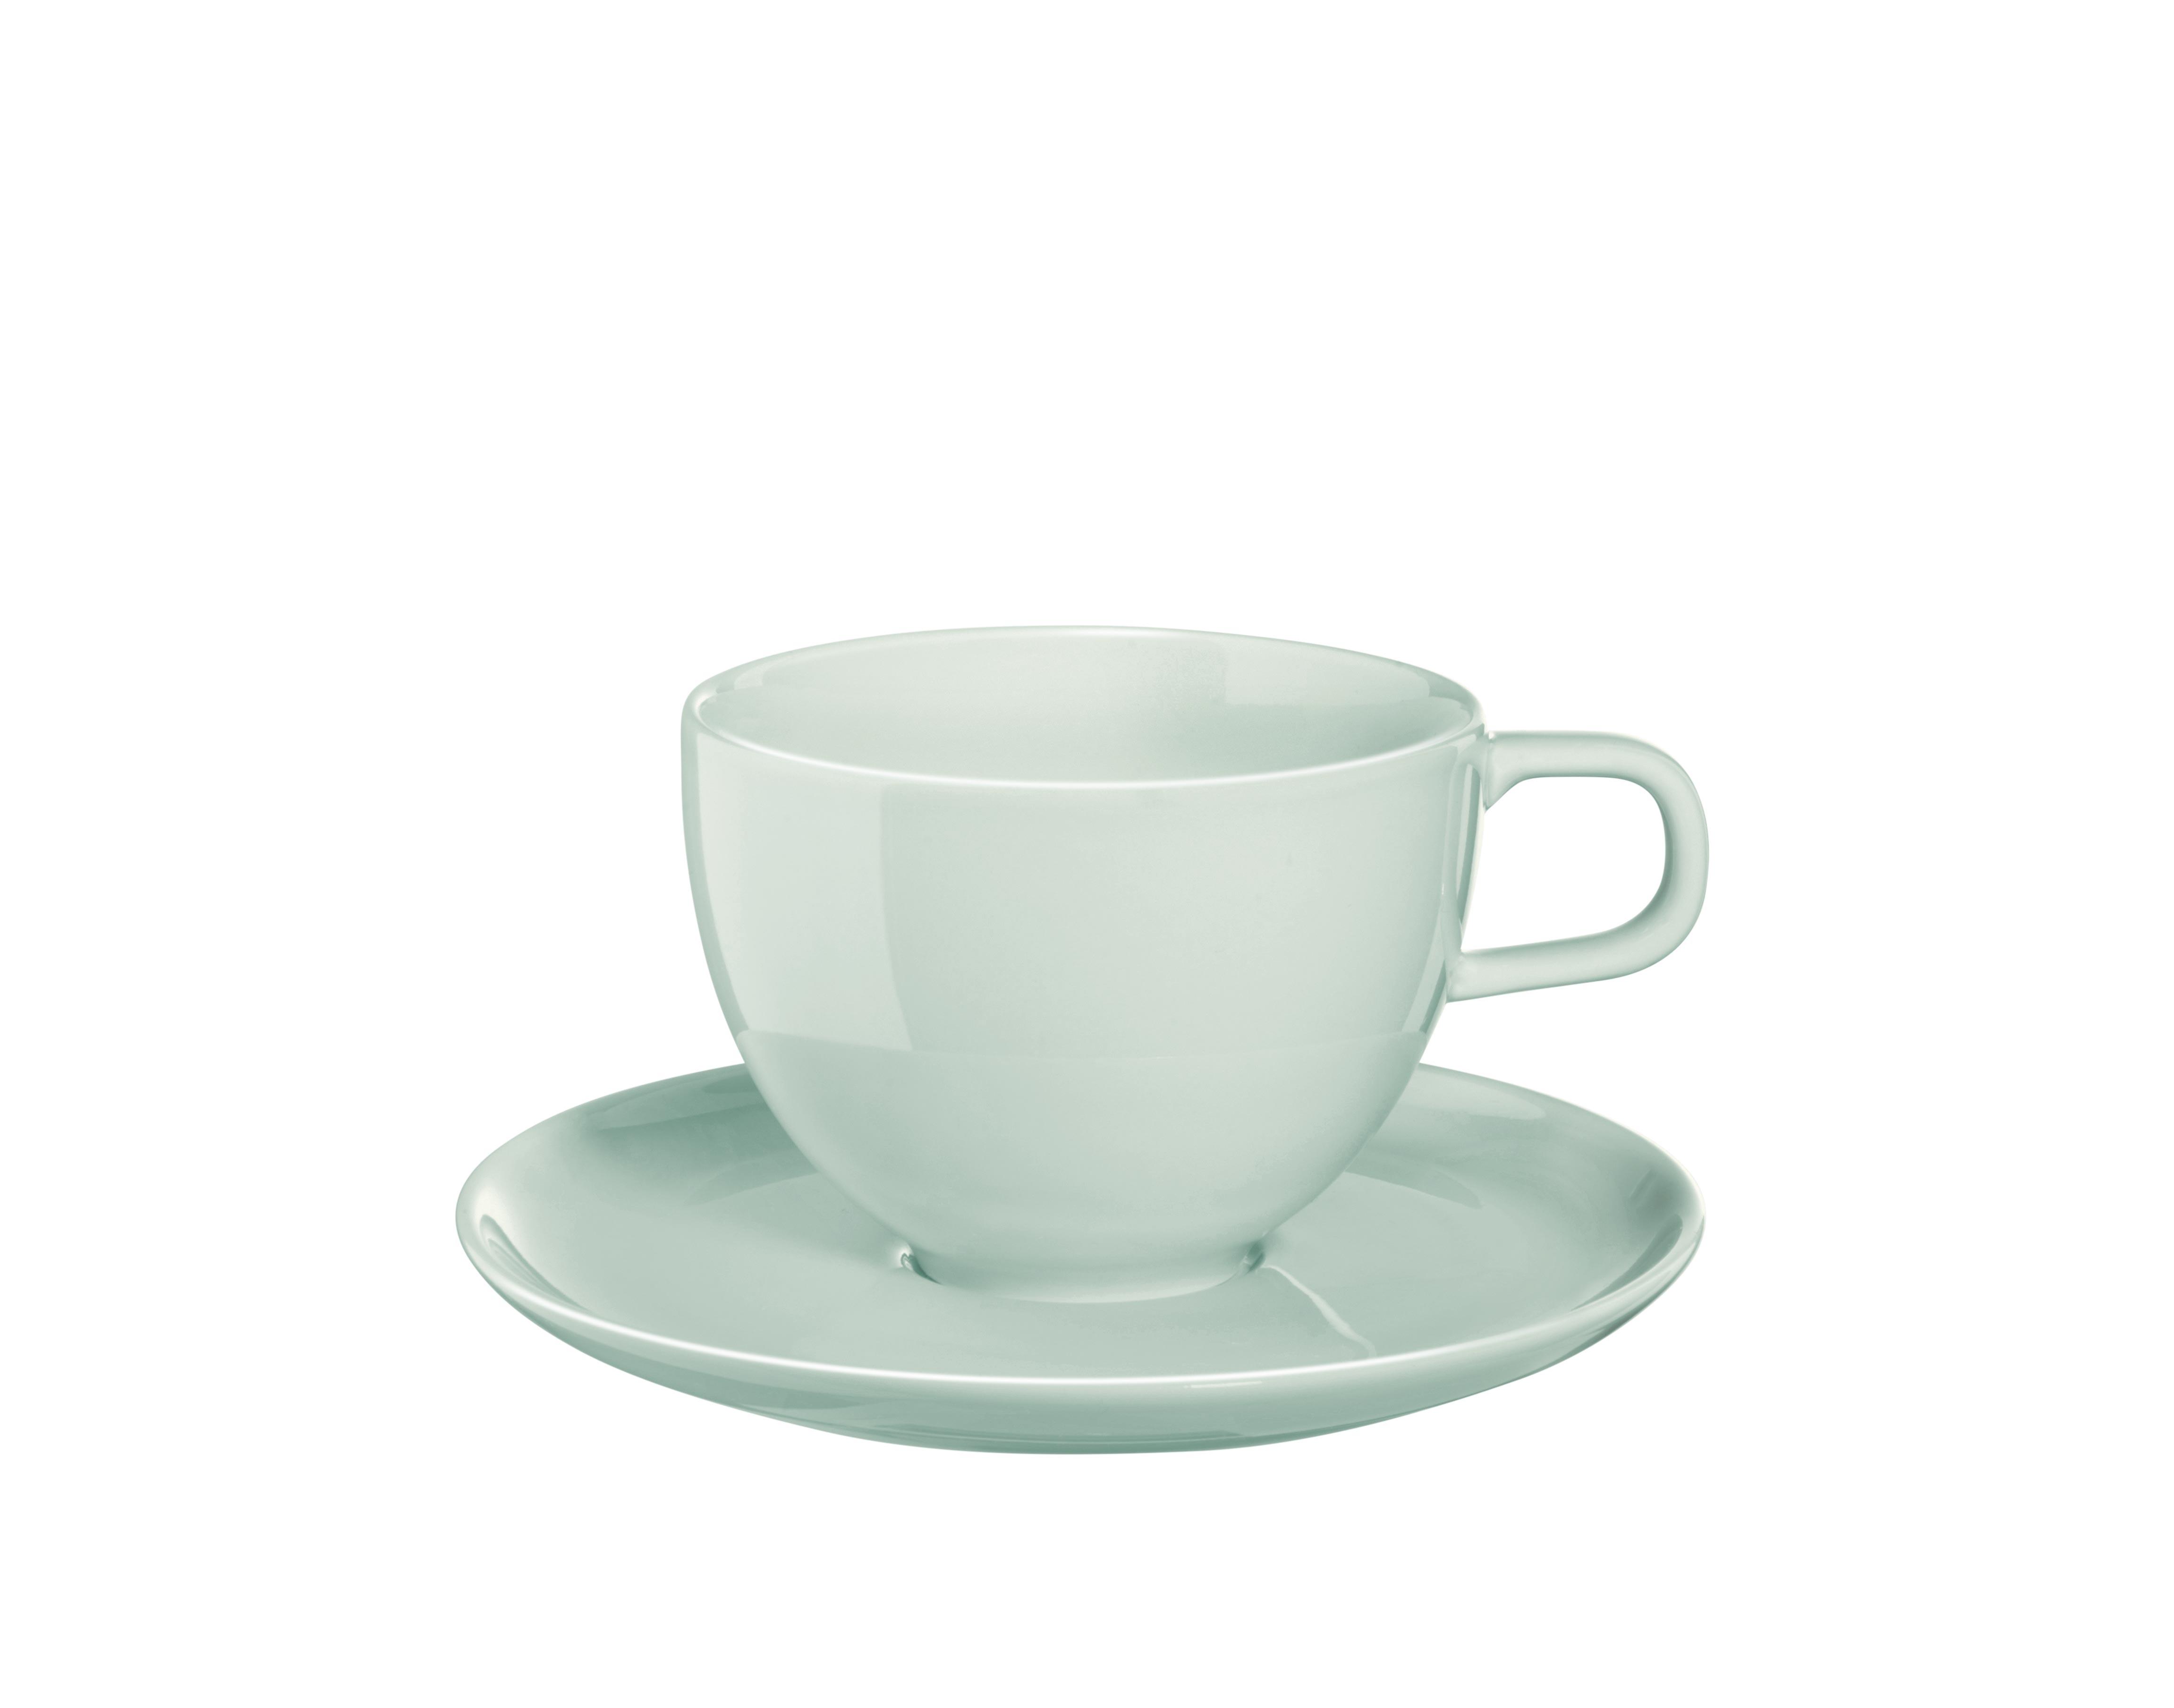 kaffeetasse mit unterer kolibri tassen kannen geschirr produkte home by asa die asa. Black Bedroom Furniture Sets. Home Design Ideas